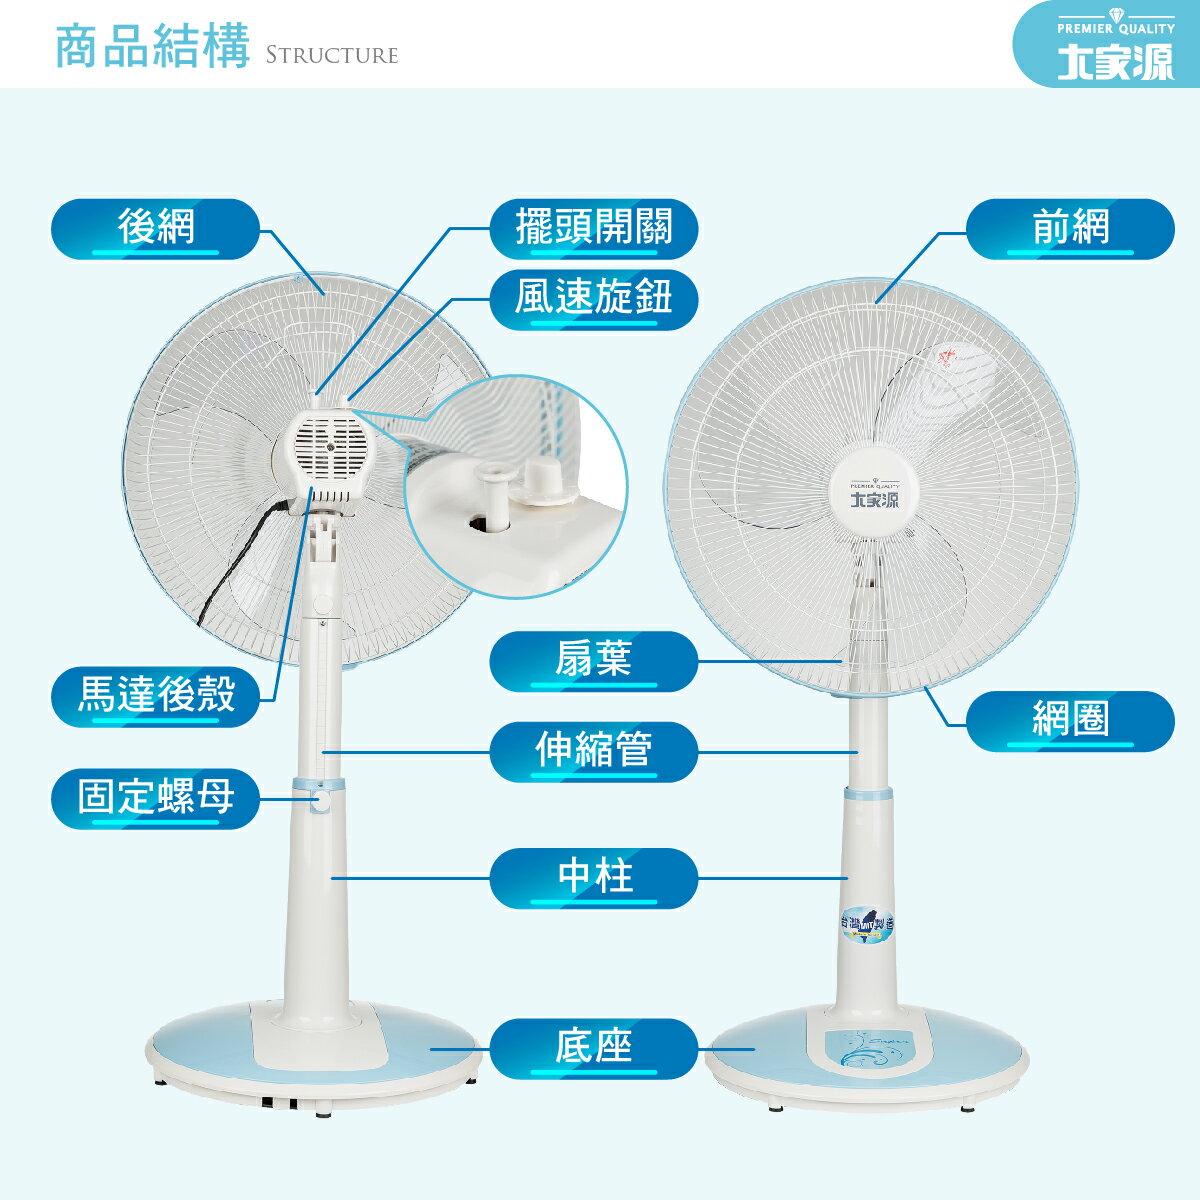 🔥現貨 / 免運🚚※免運喔🔥大家源 18吋立扇 / 電風扇 TCY-8103 7